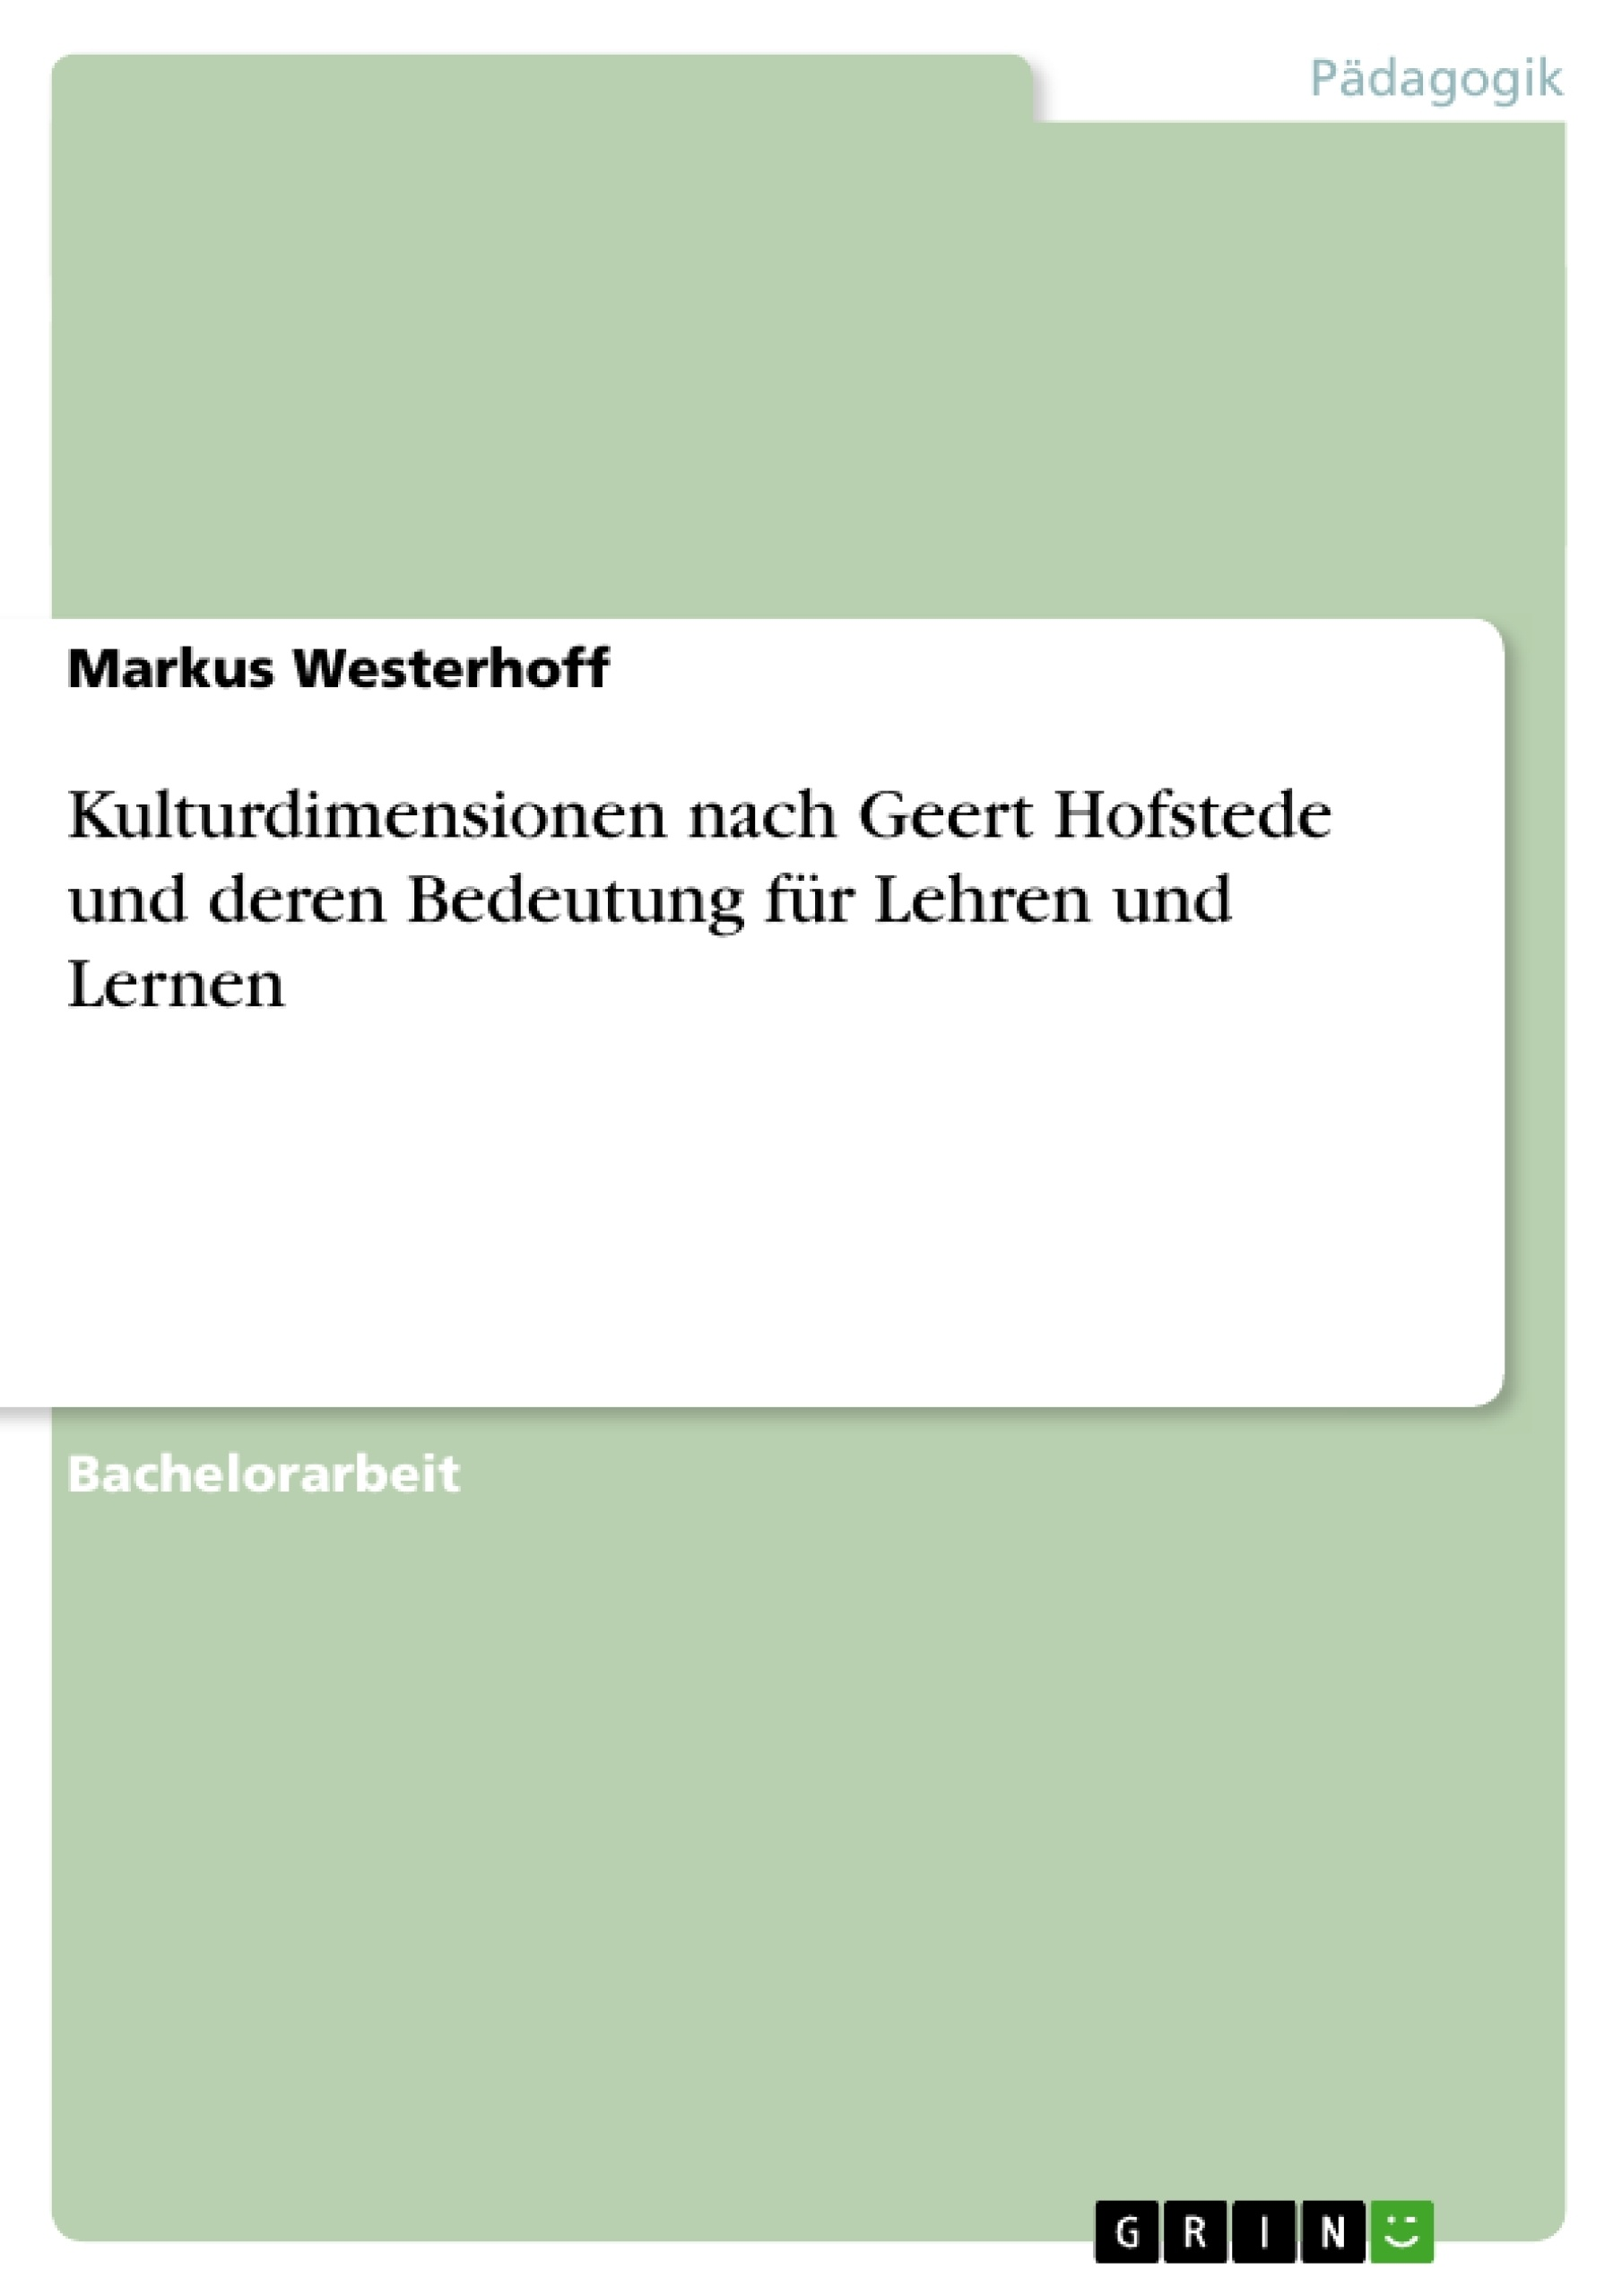 Titel: Kulturdimensionen nach Geert Hofstede und deren Bedeutung für Lehren und Lernen